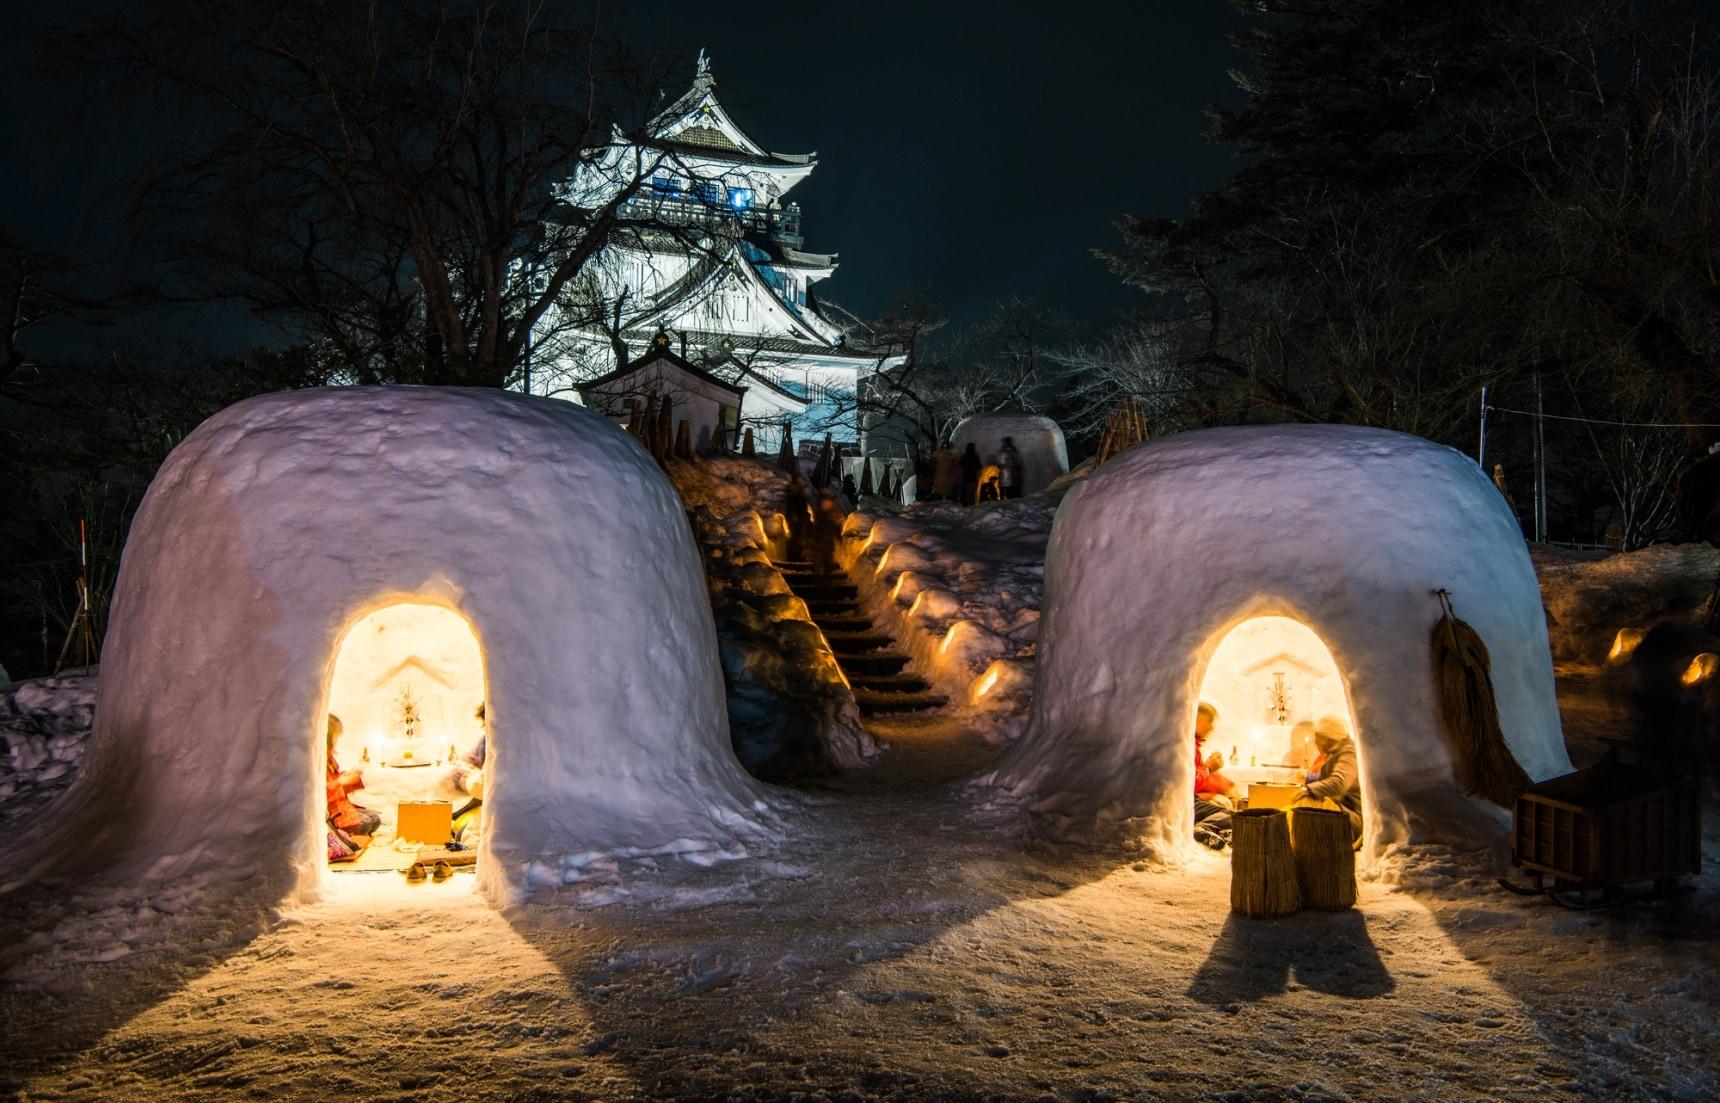 ชม 3 งานเทศกาลหิมะสุดยิ่งใหญ่ในญี่ปุ่น